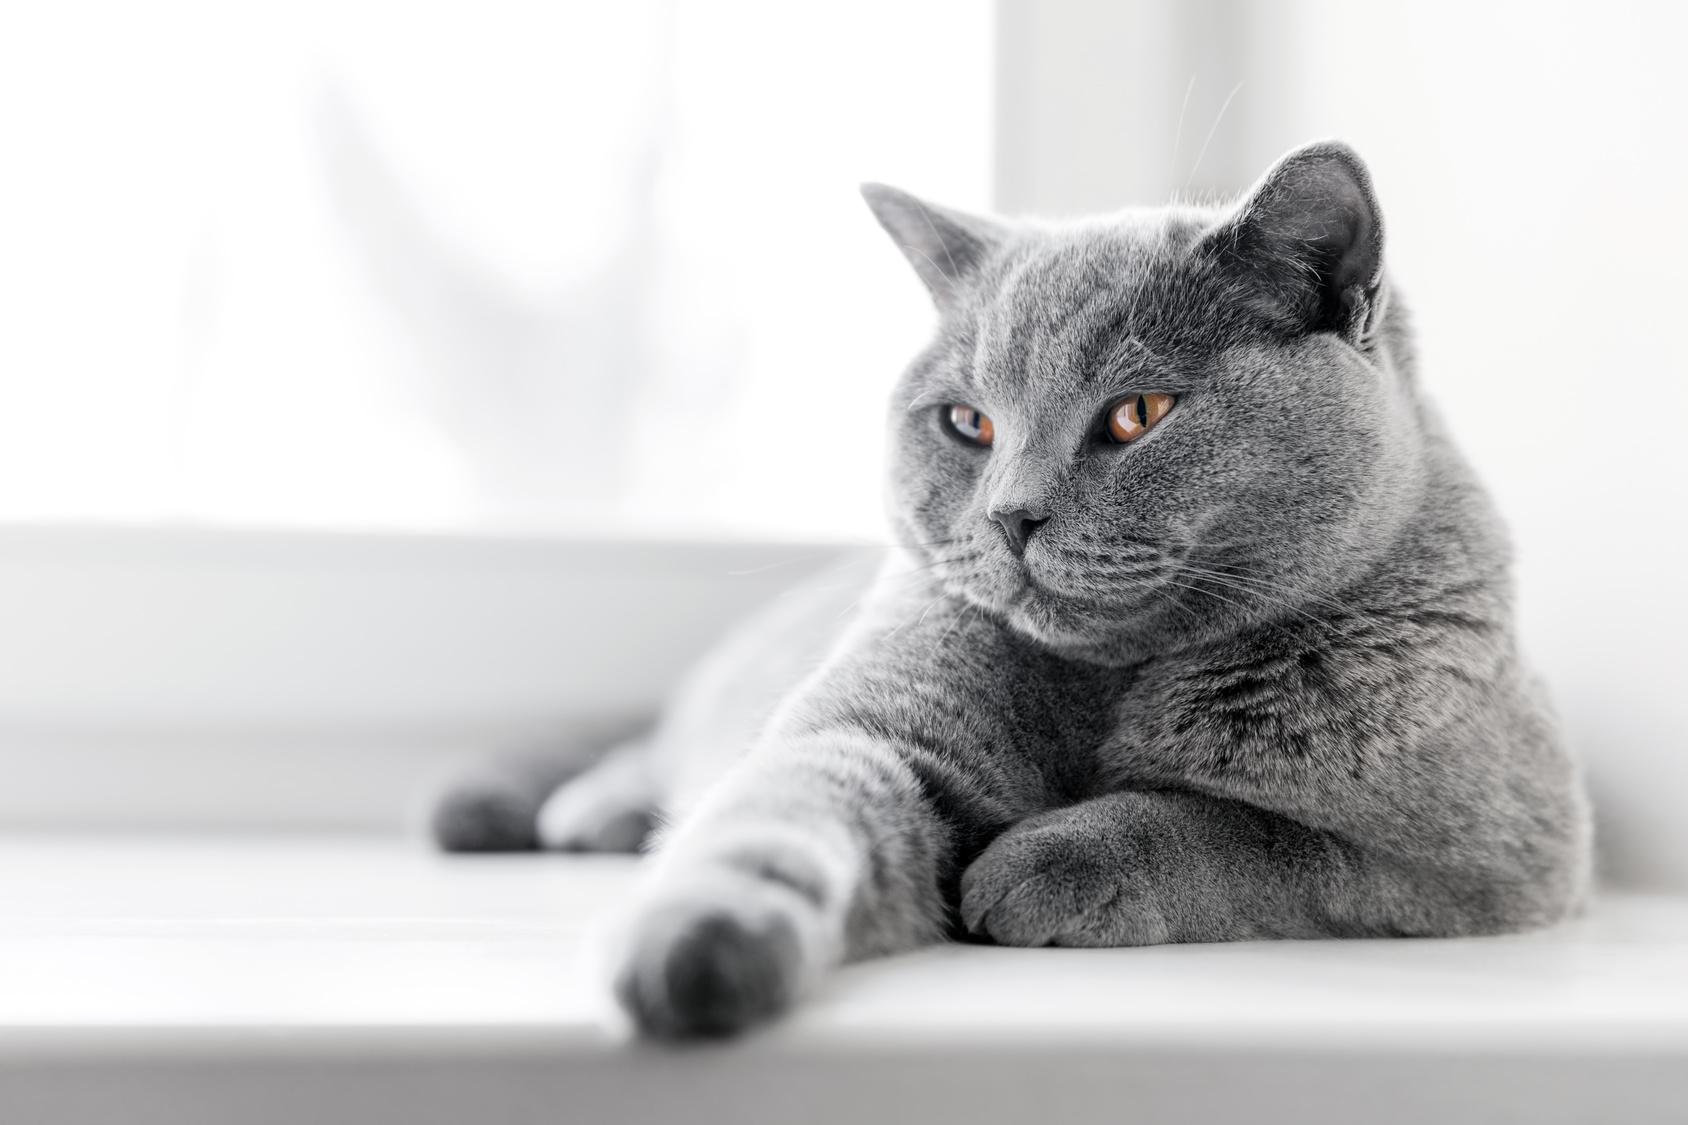 Come tenere un gatto in casa gatto in appartamento for Cani da tenere in casa